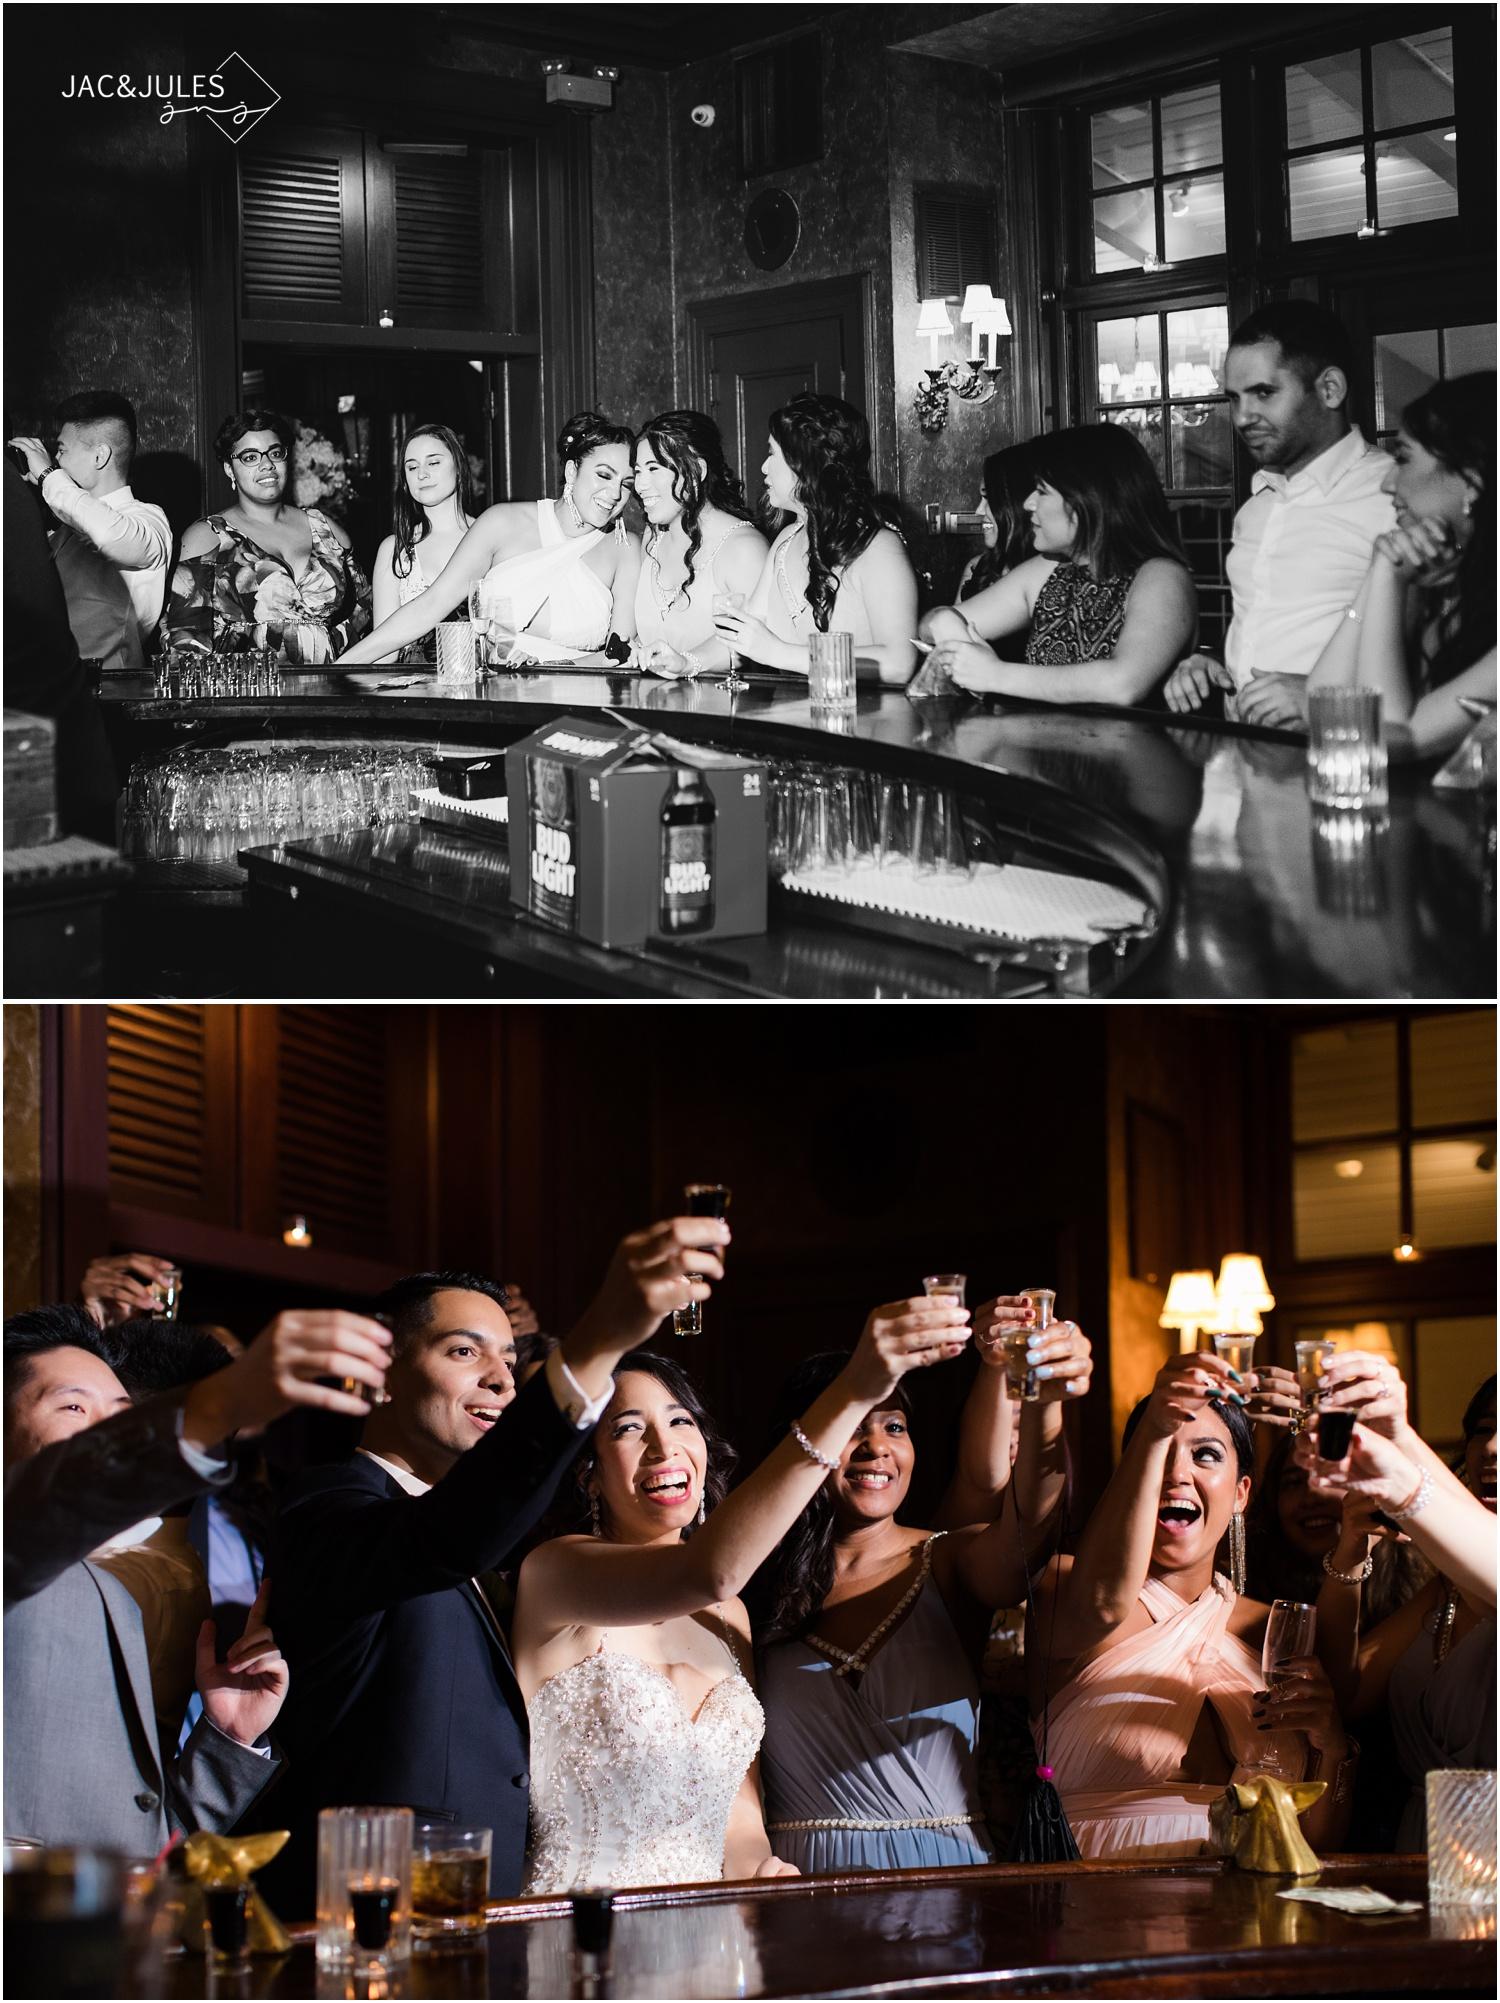 Shots at the bar photos from a wedding at The Shadowbrook in Shrewsbury, NJ.